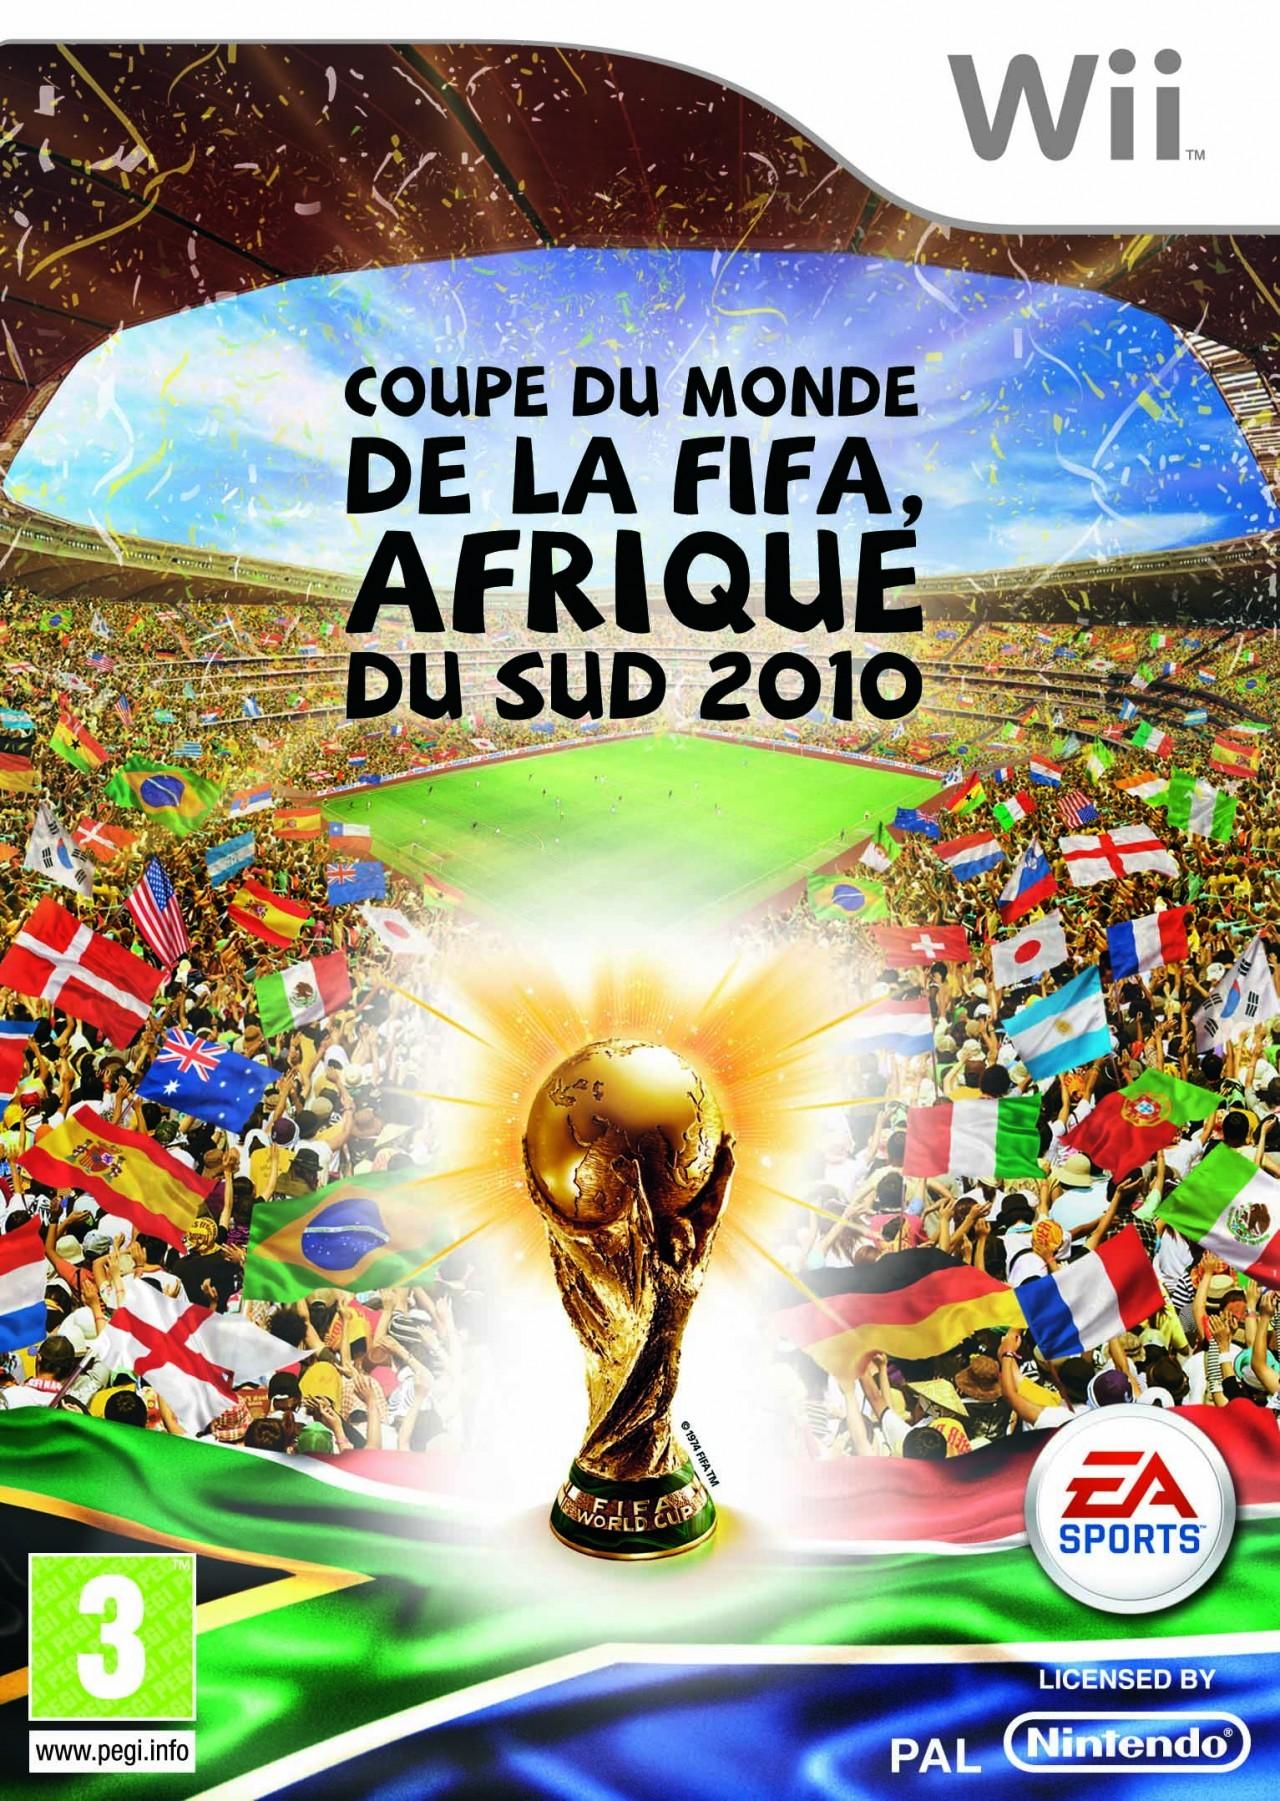 Fifa afrique du sud 2010 video tutorial - Coupe du monde foot afrique du sud ...